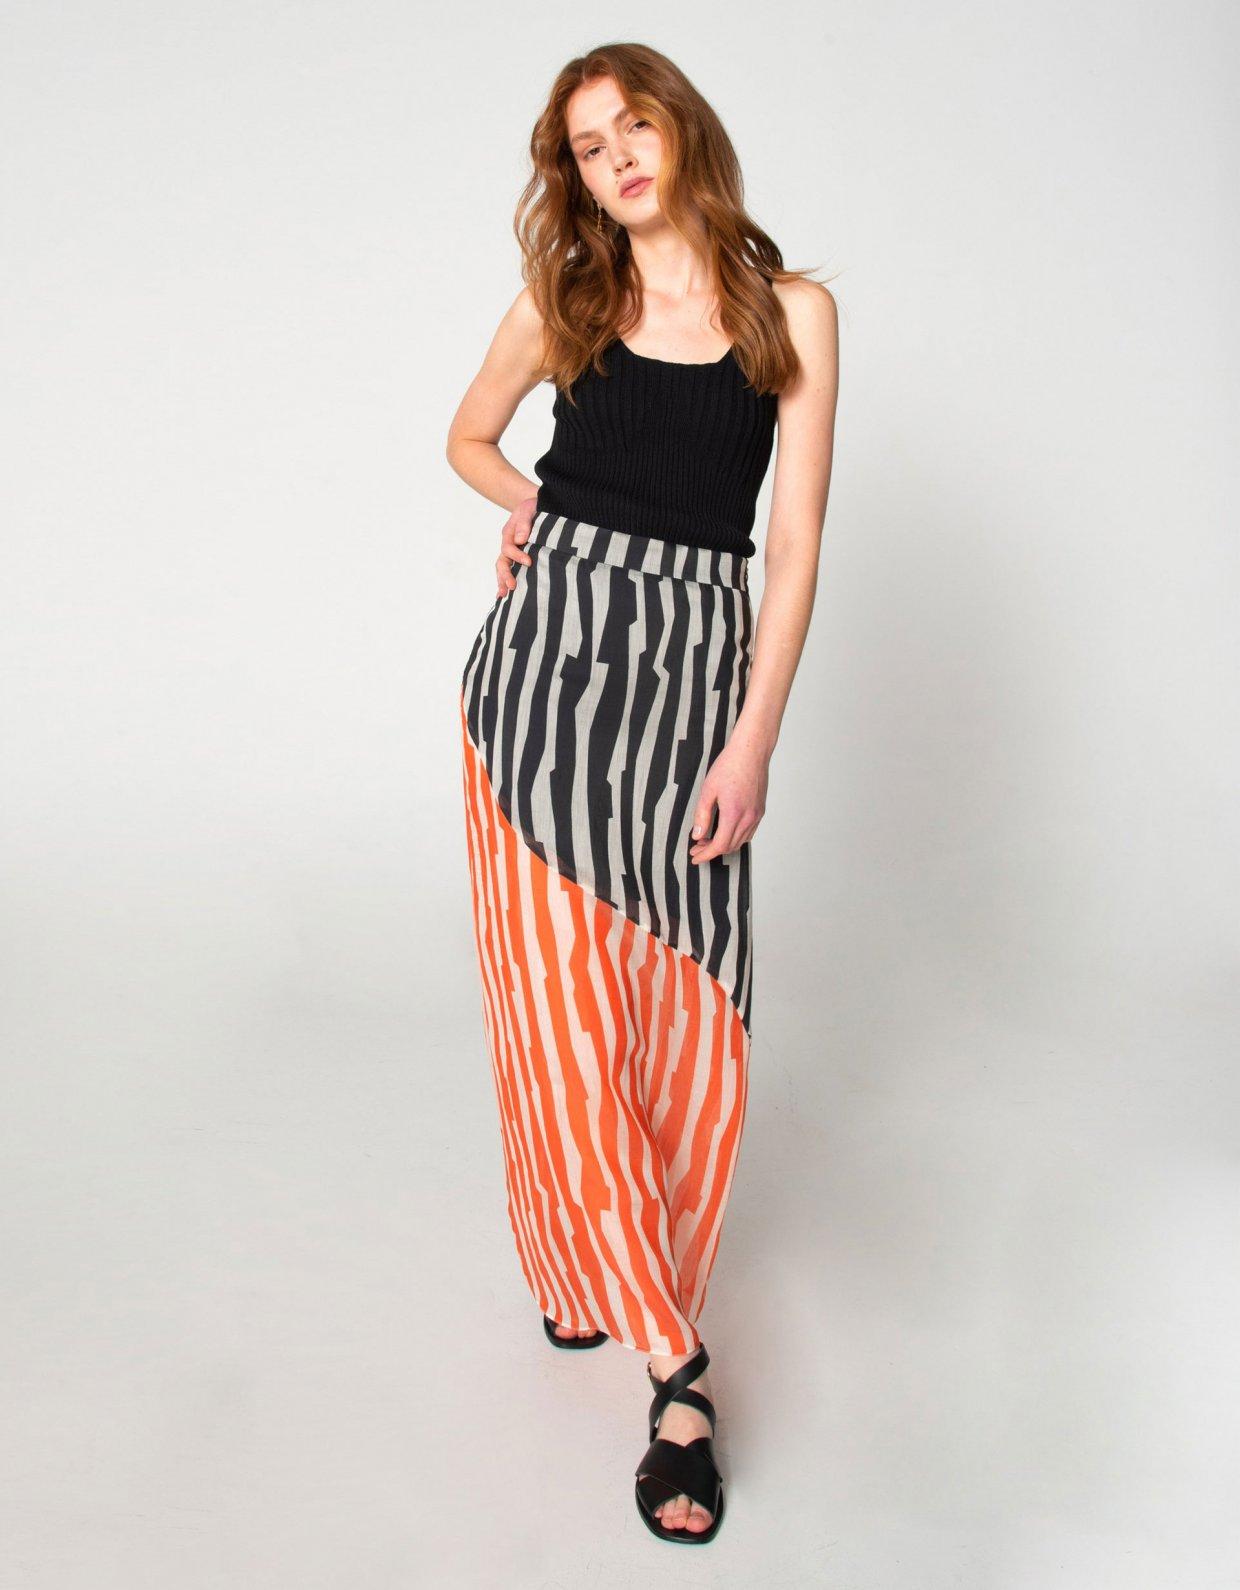 Nadia Rapti Zebras in city skirt